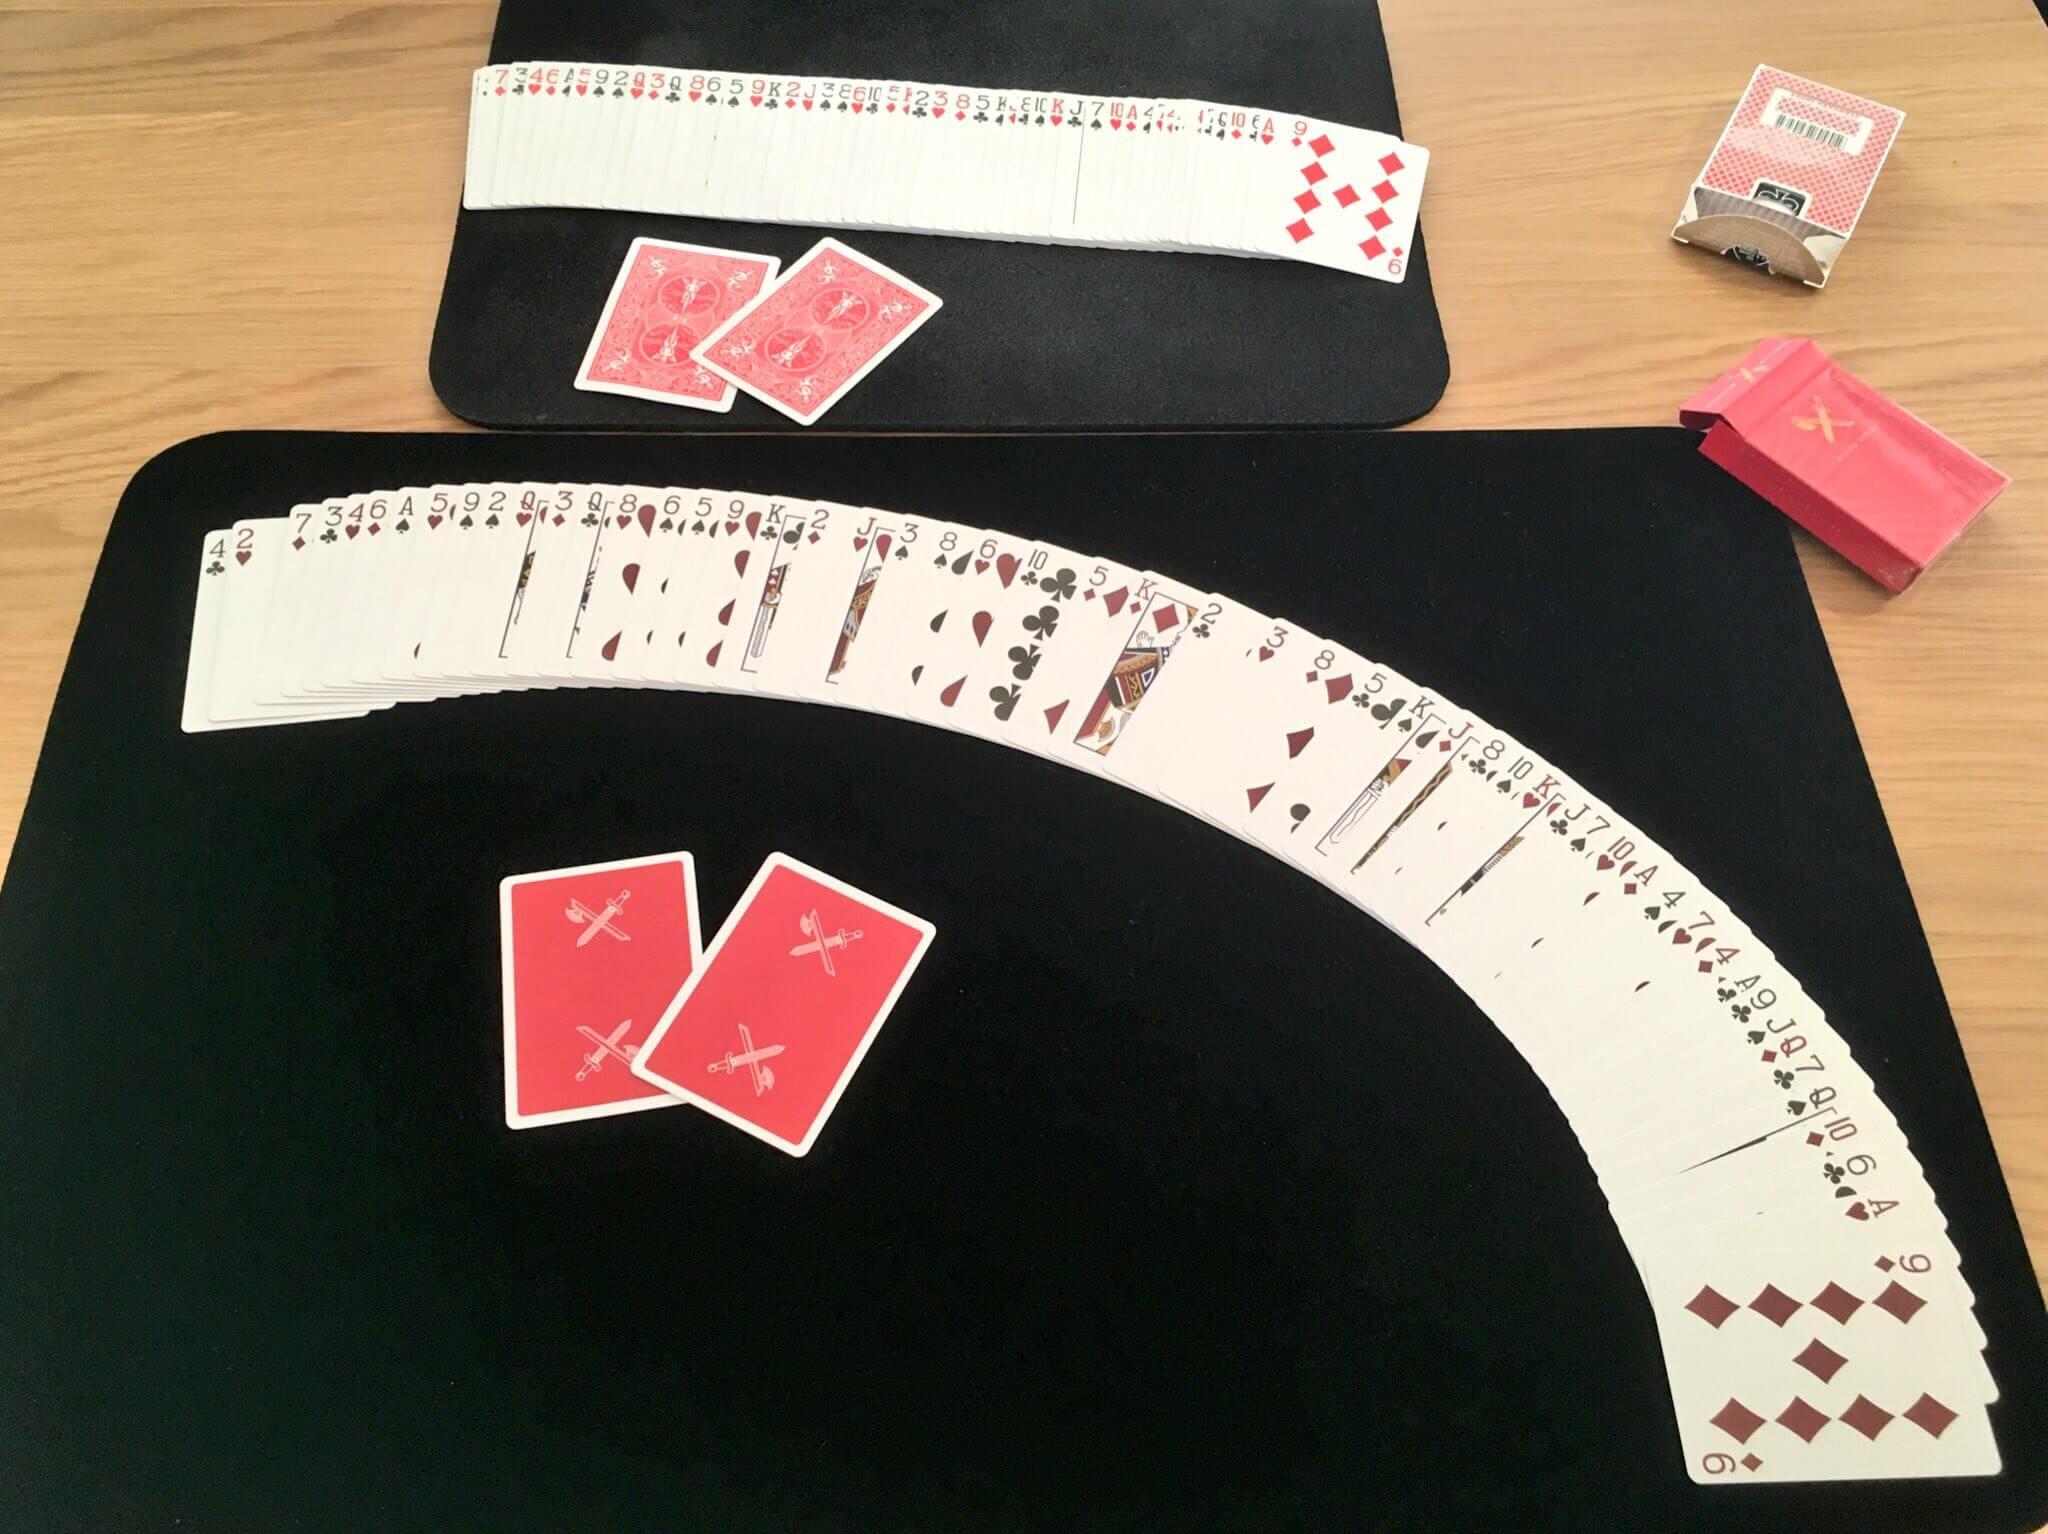 カードマジックに感じる違和感